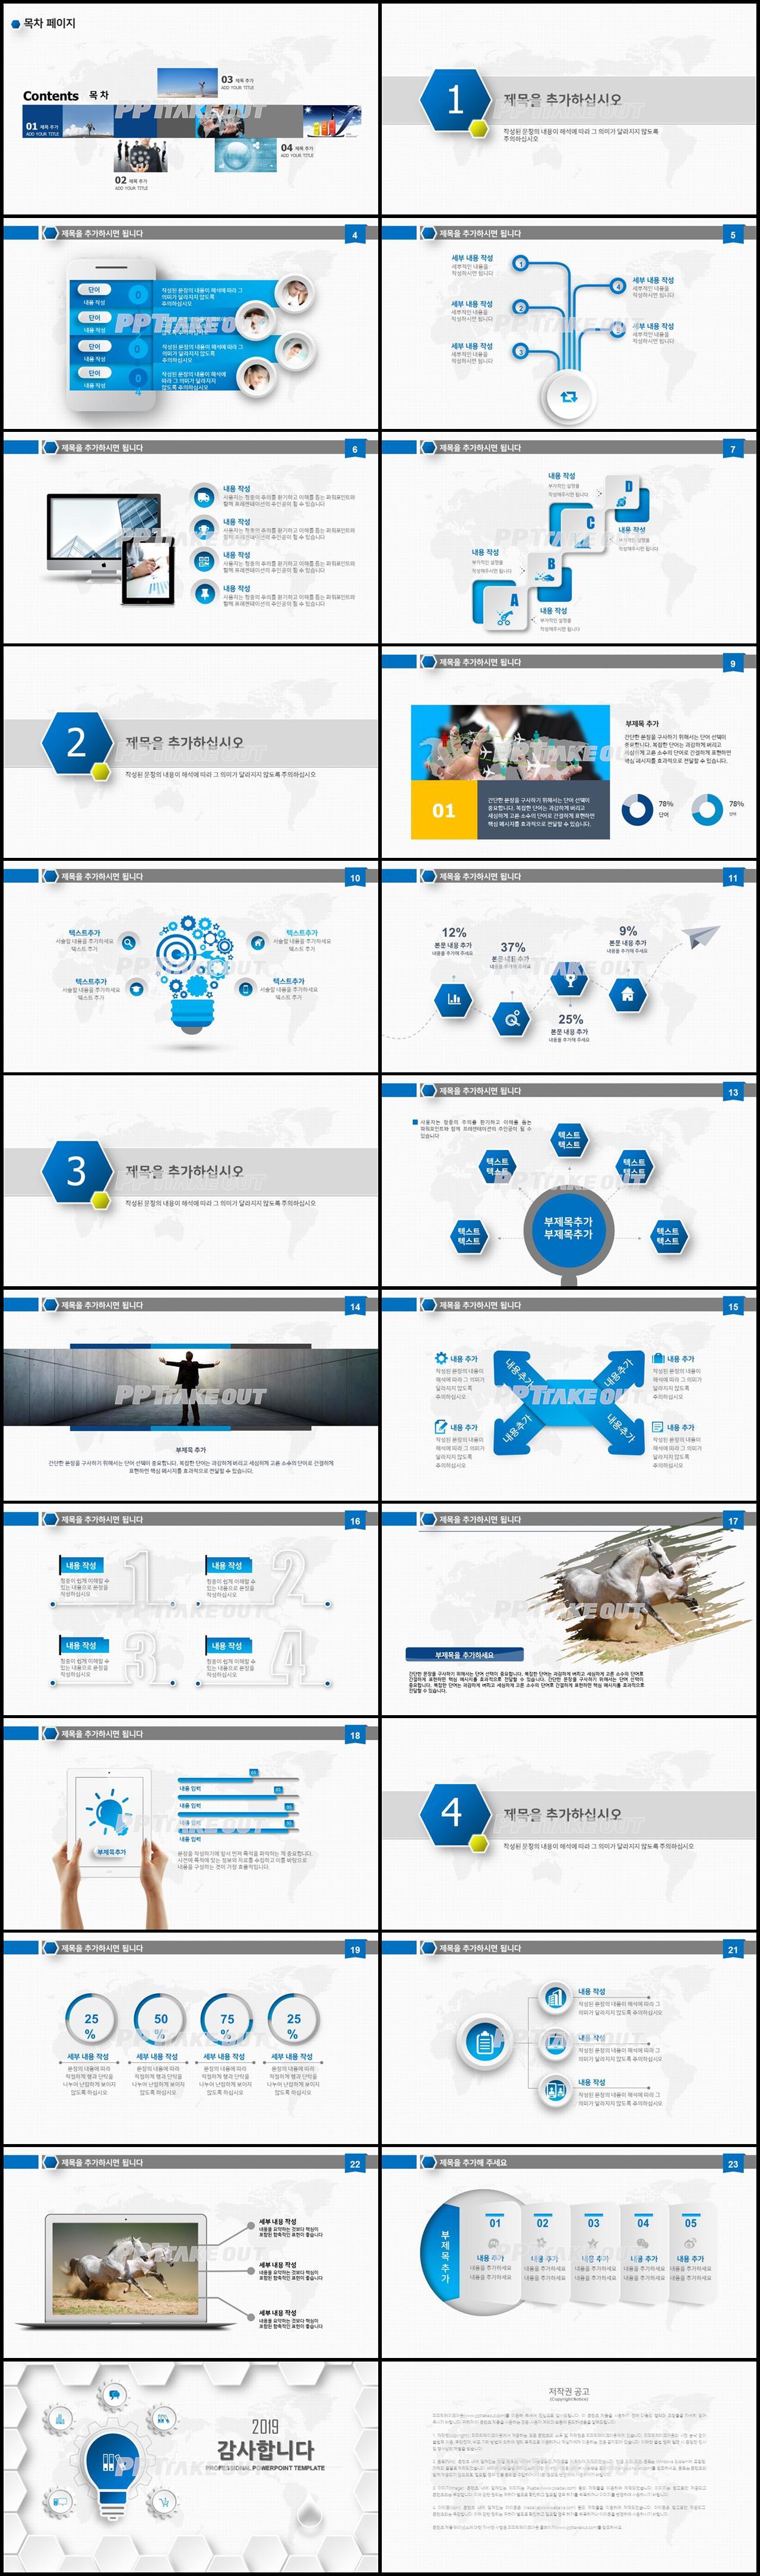 비즈니스 블루 단조로운 맞춤형 PPT템플릿 다운로드 상세보기